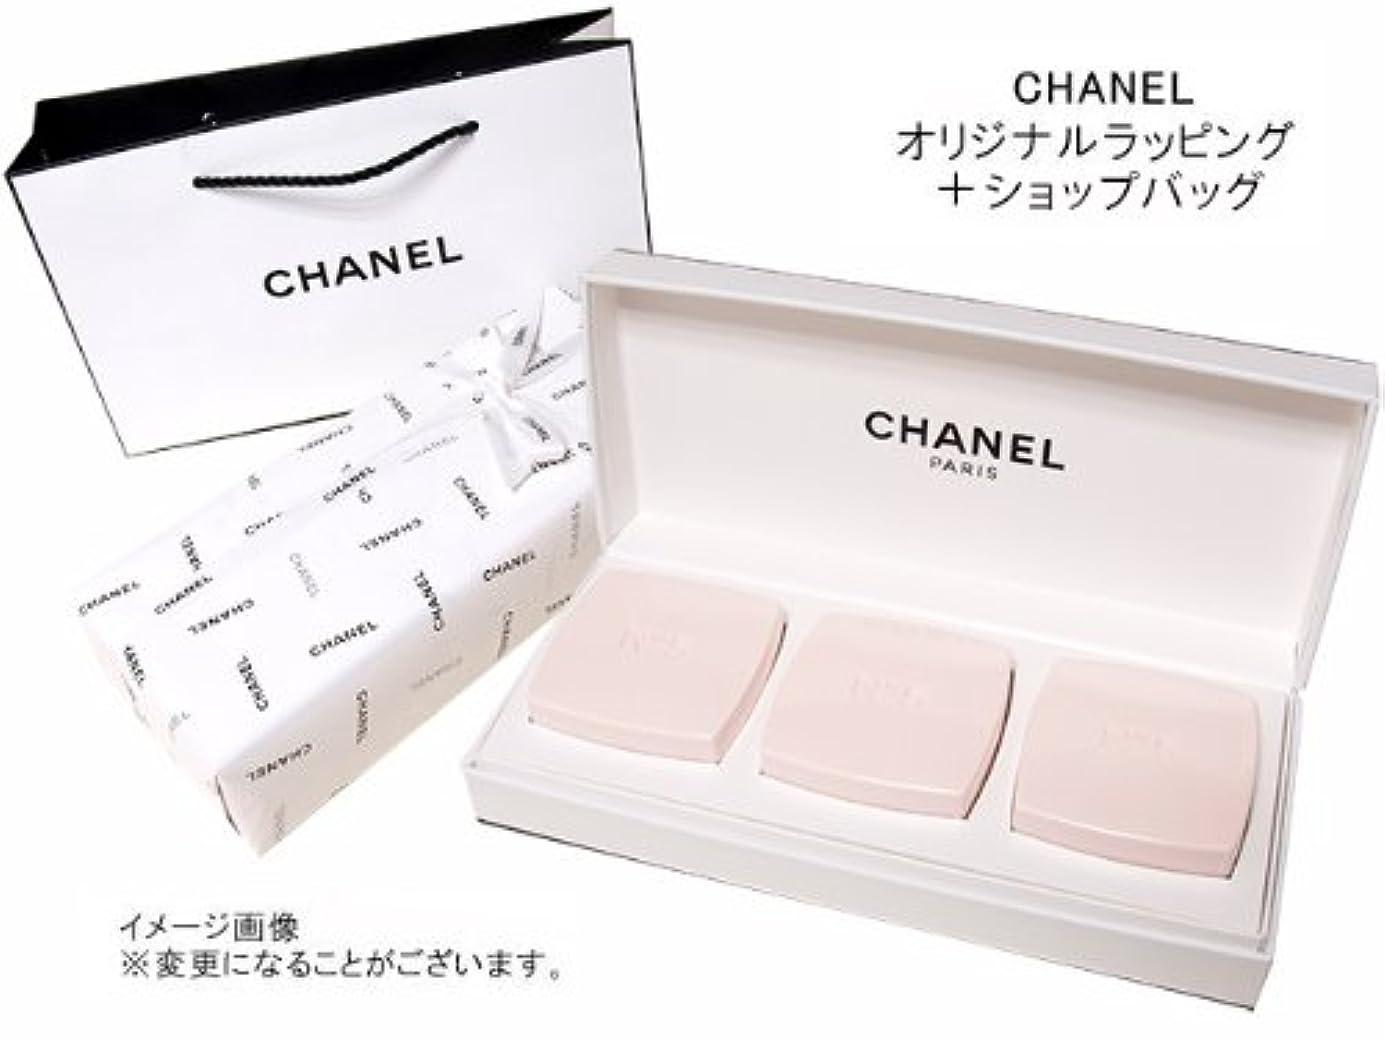 から聞く端会員CHANEL(シャネル) LES CADEAUX シャネル N゜5ギフトコレクションN゜5 サヴォン(石けん)75g×3 オリジナルラッピング&ショップバッグ付専用ギフトボックス入り